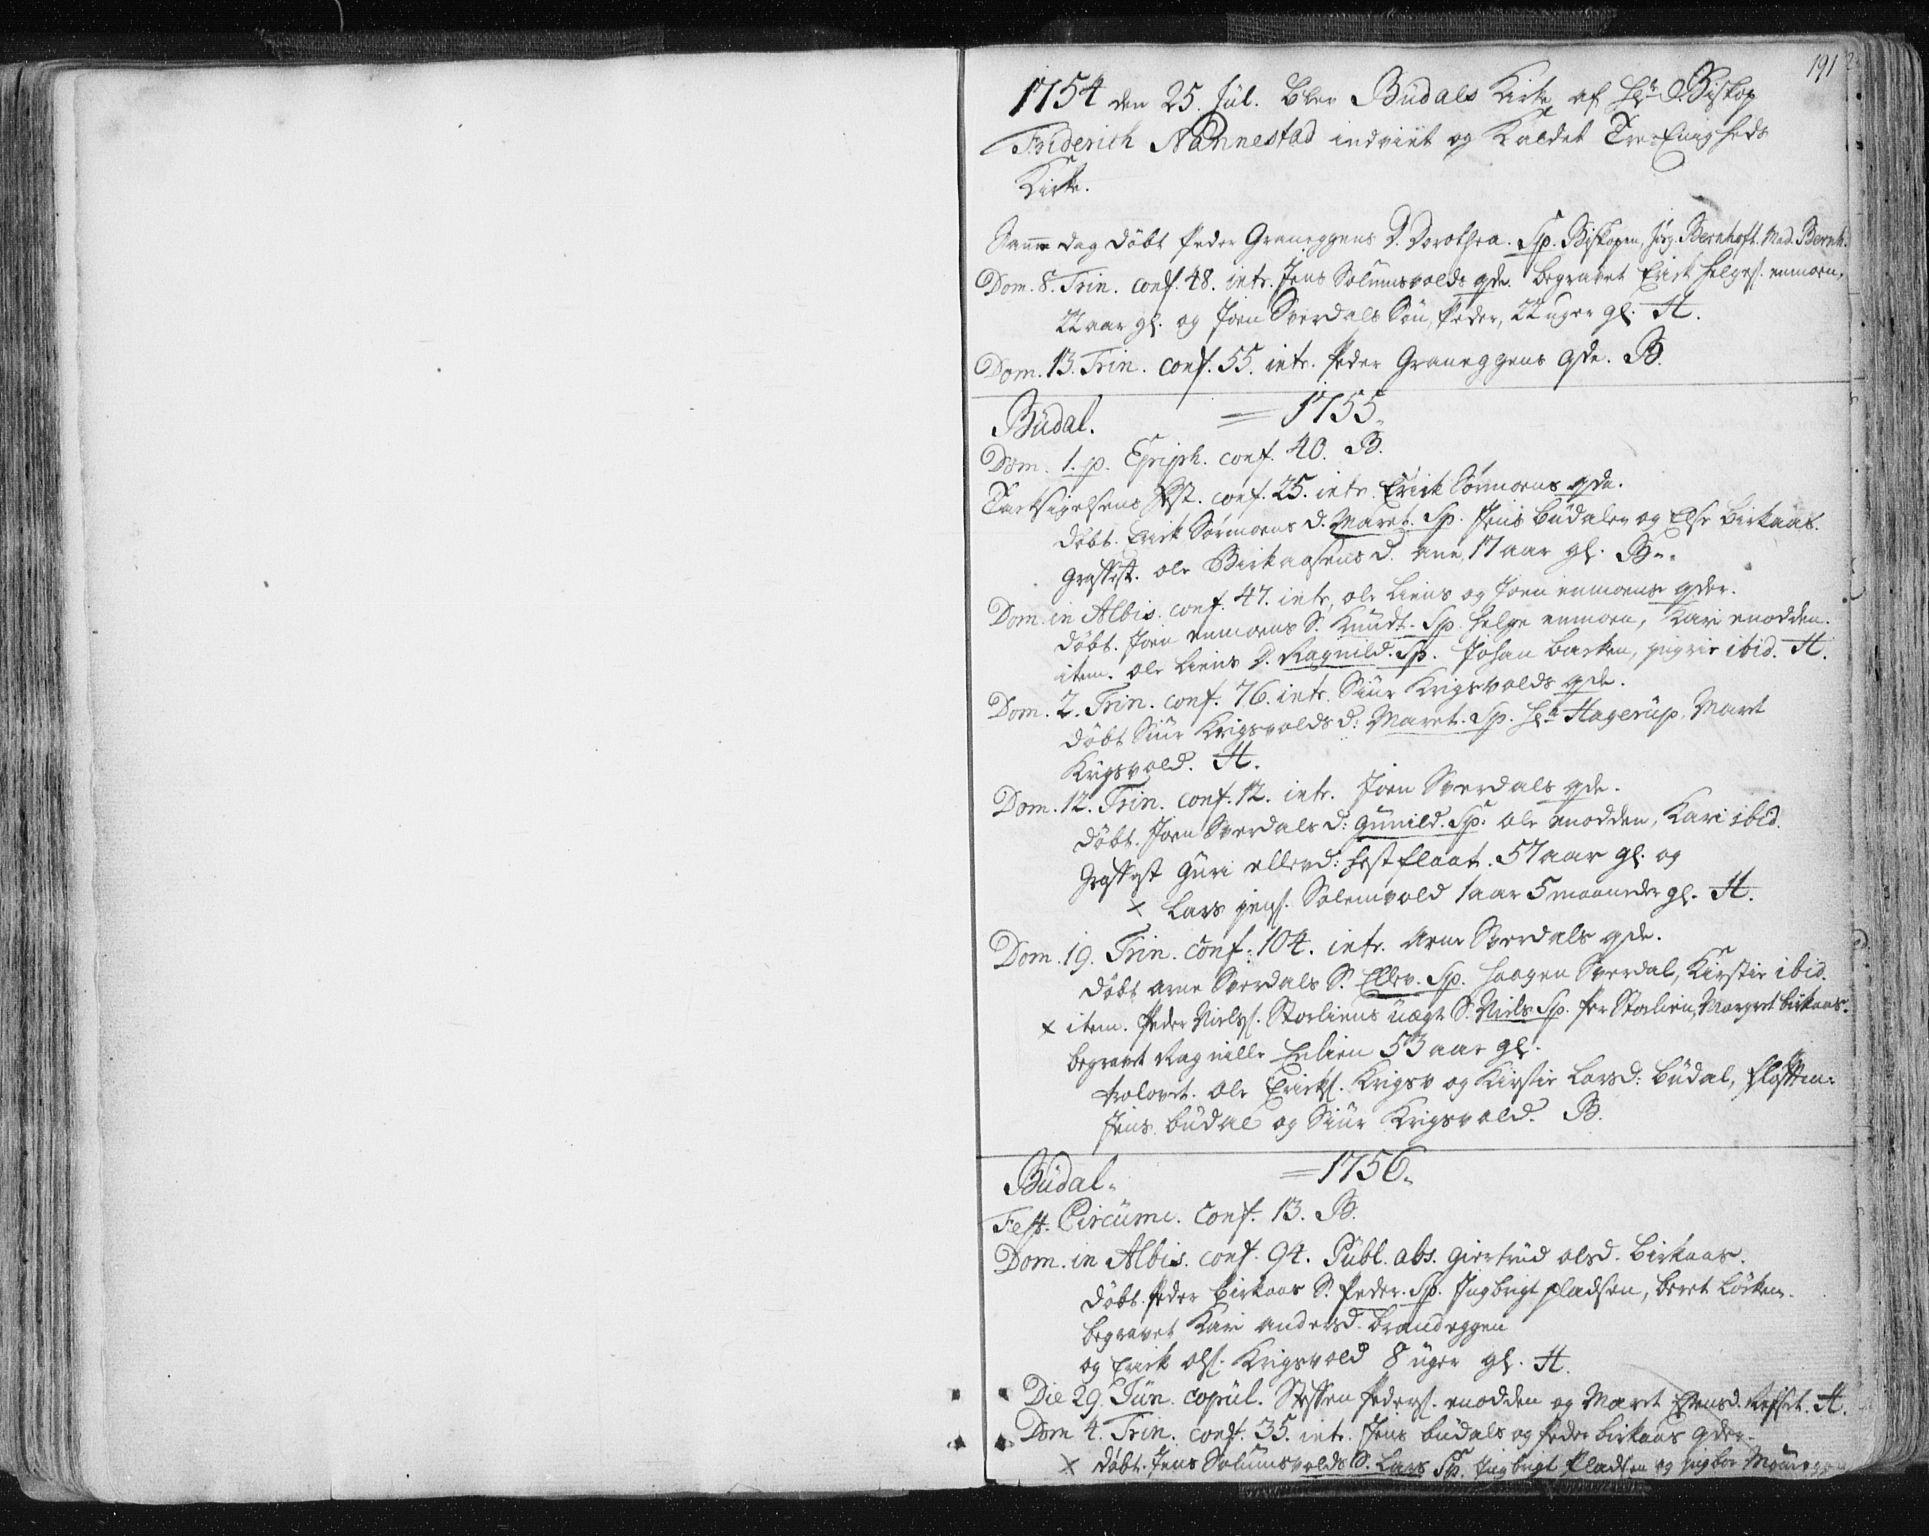 SAT, Ministerialprotokoller, klokkerbøker og fødselsregistre - Sør-Trøndelag, 687/L0991: Ministerialbok nr. 687A02, 1747-1790, s. 191